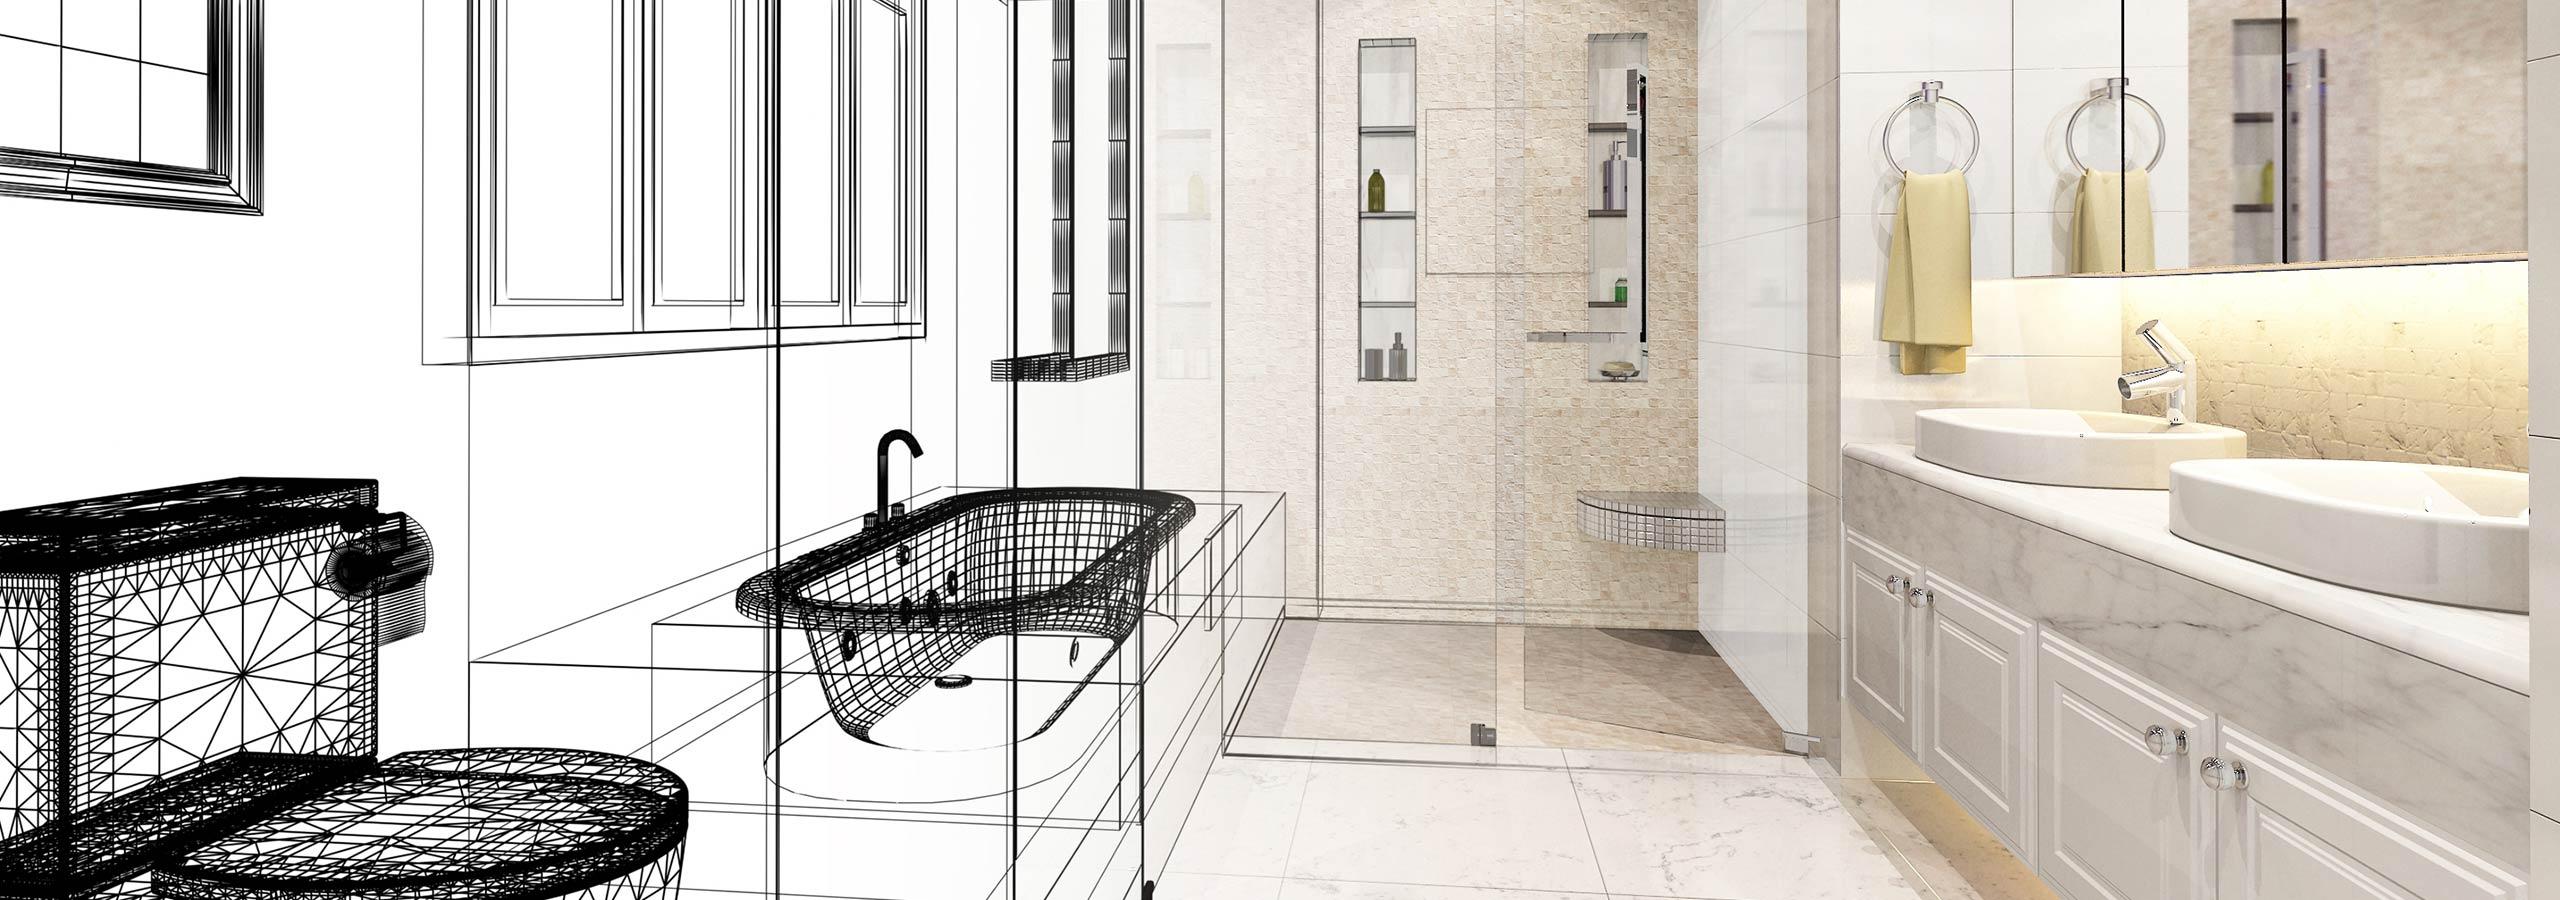 Badkamer verbouwen door de installateur uit Papendrecht